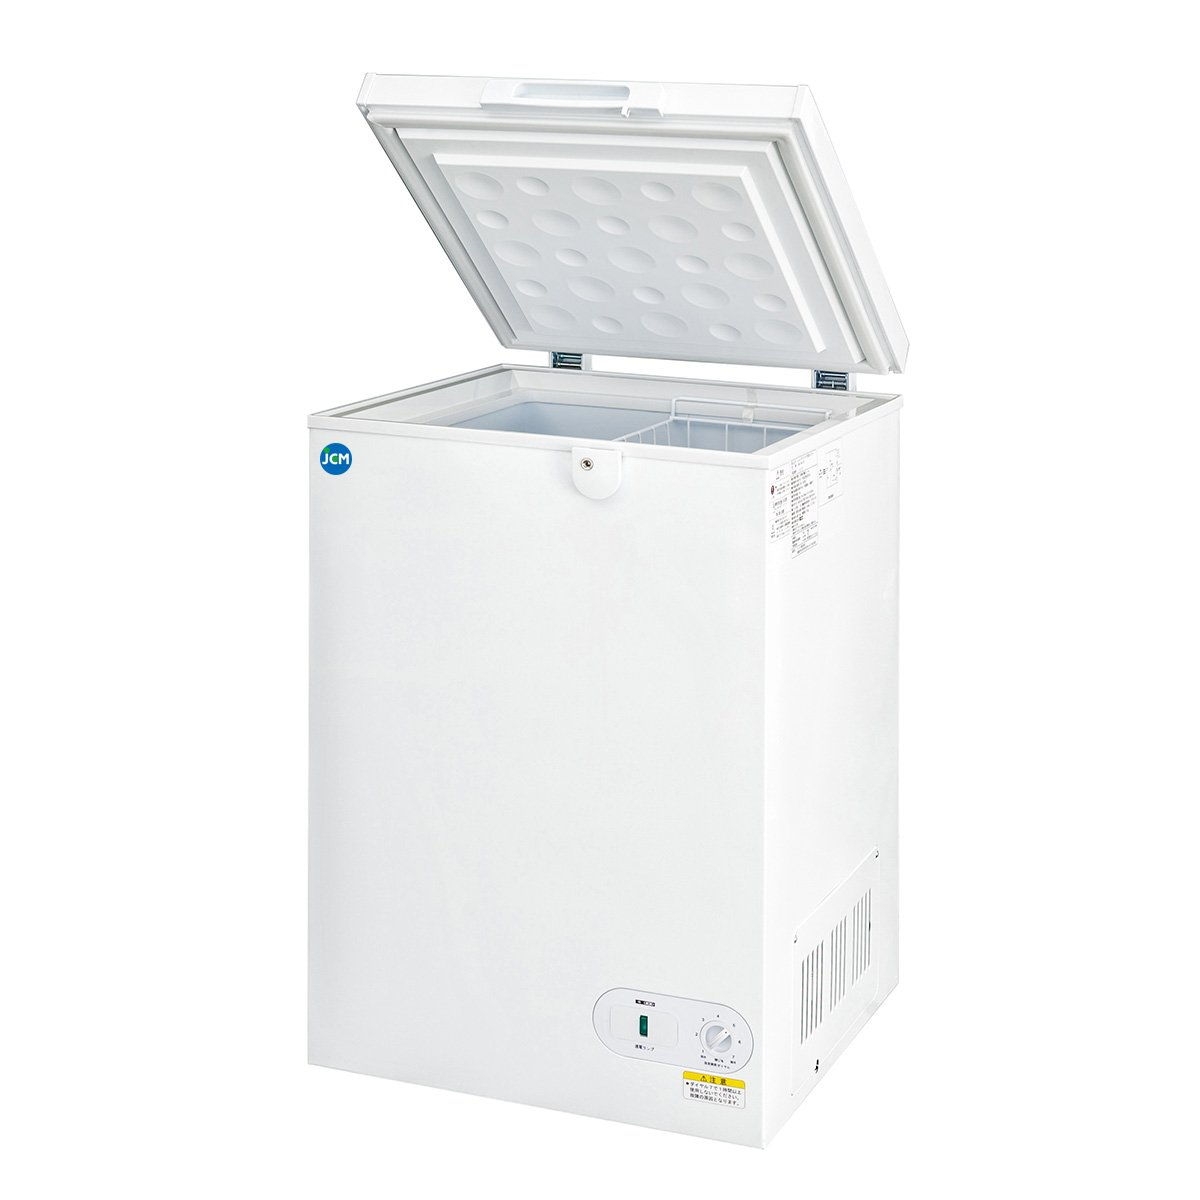 /(ジェーシーエム/) 冷凍ストッカー 98リットル JCM 幅545/×奥行595/×高さ855m JCMC-98